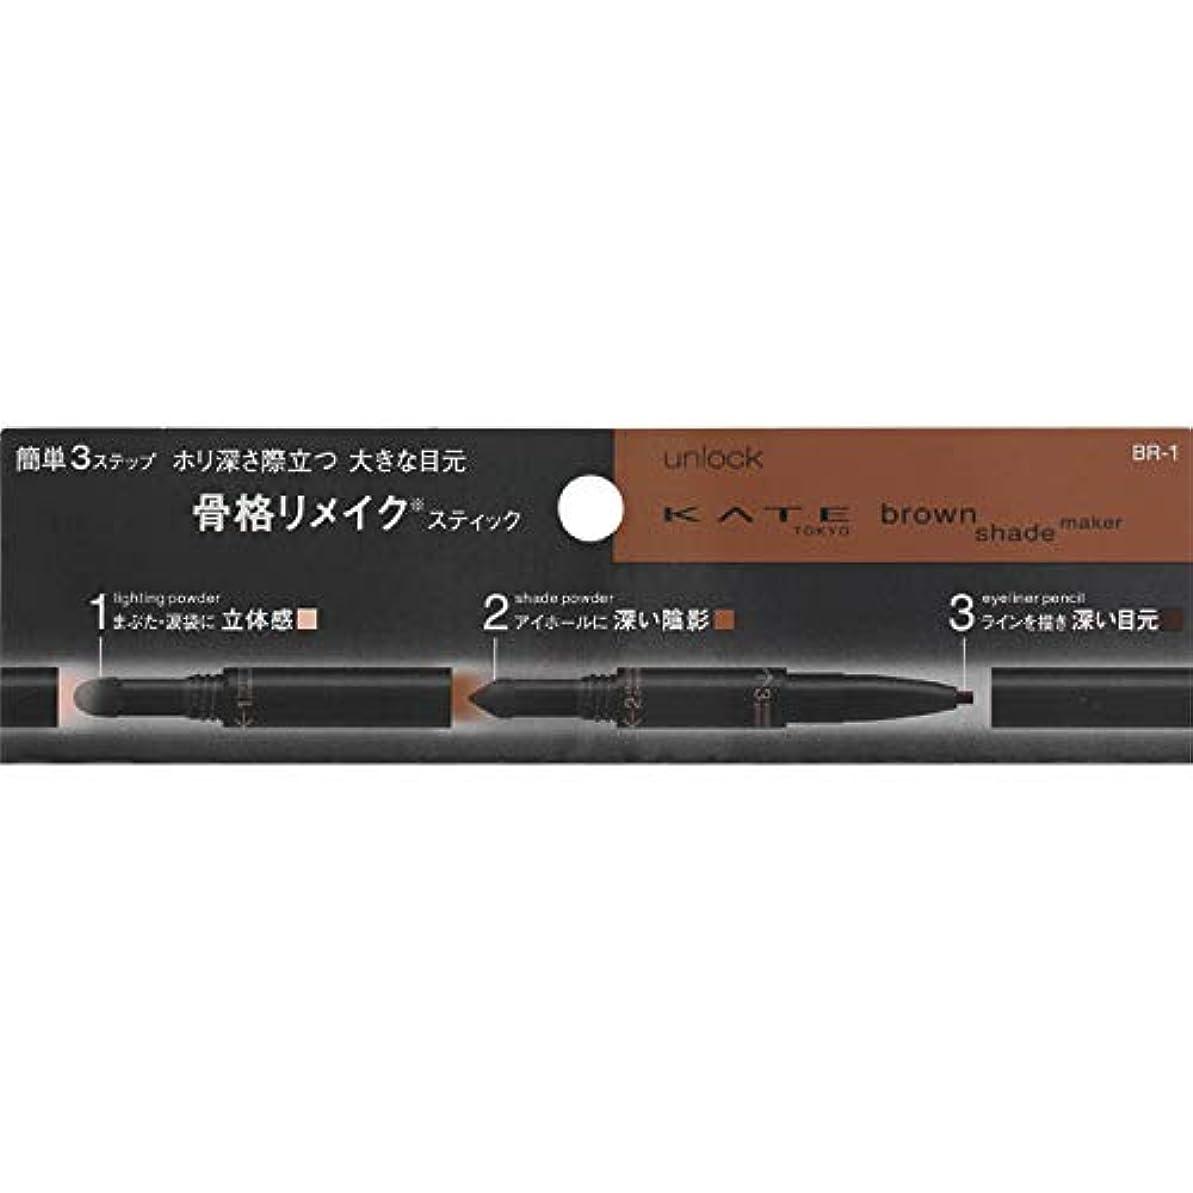 冒険シネマ傾斜カネボウ(Kanebo) ケイト ブラウンシェードメイカー<カラー:BR-1>